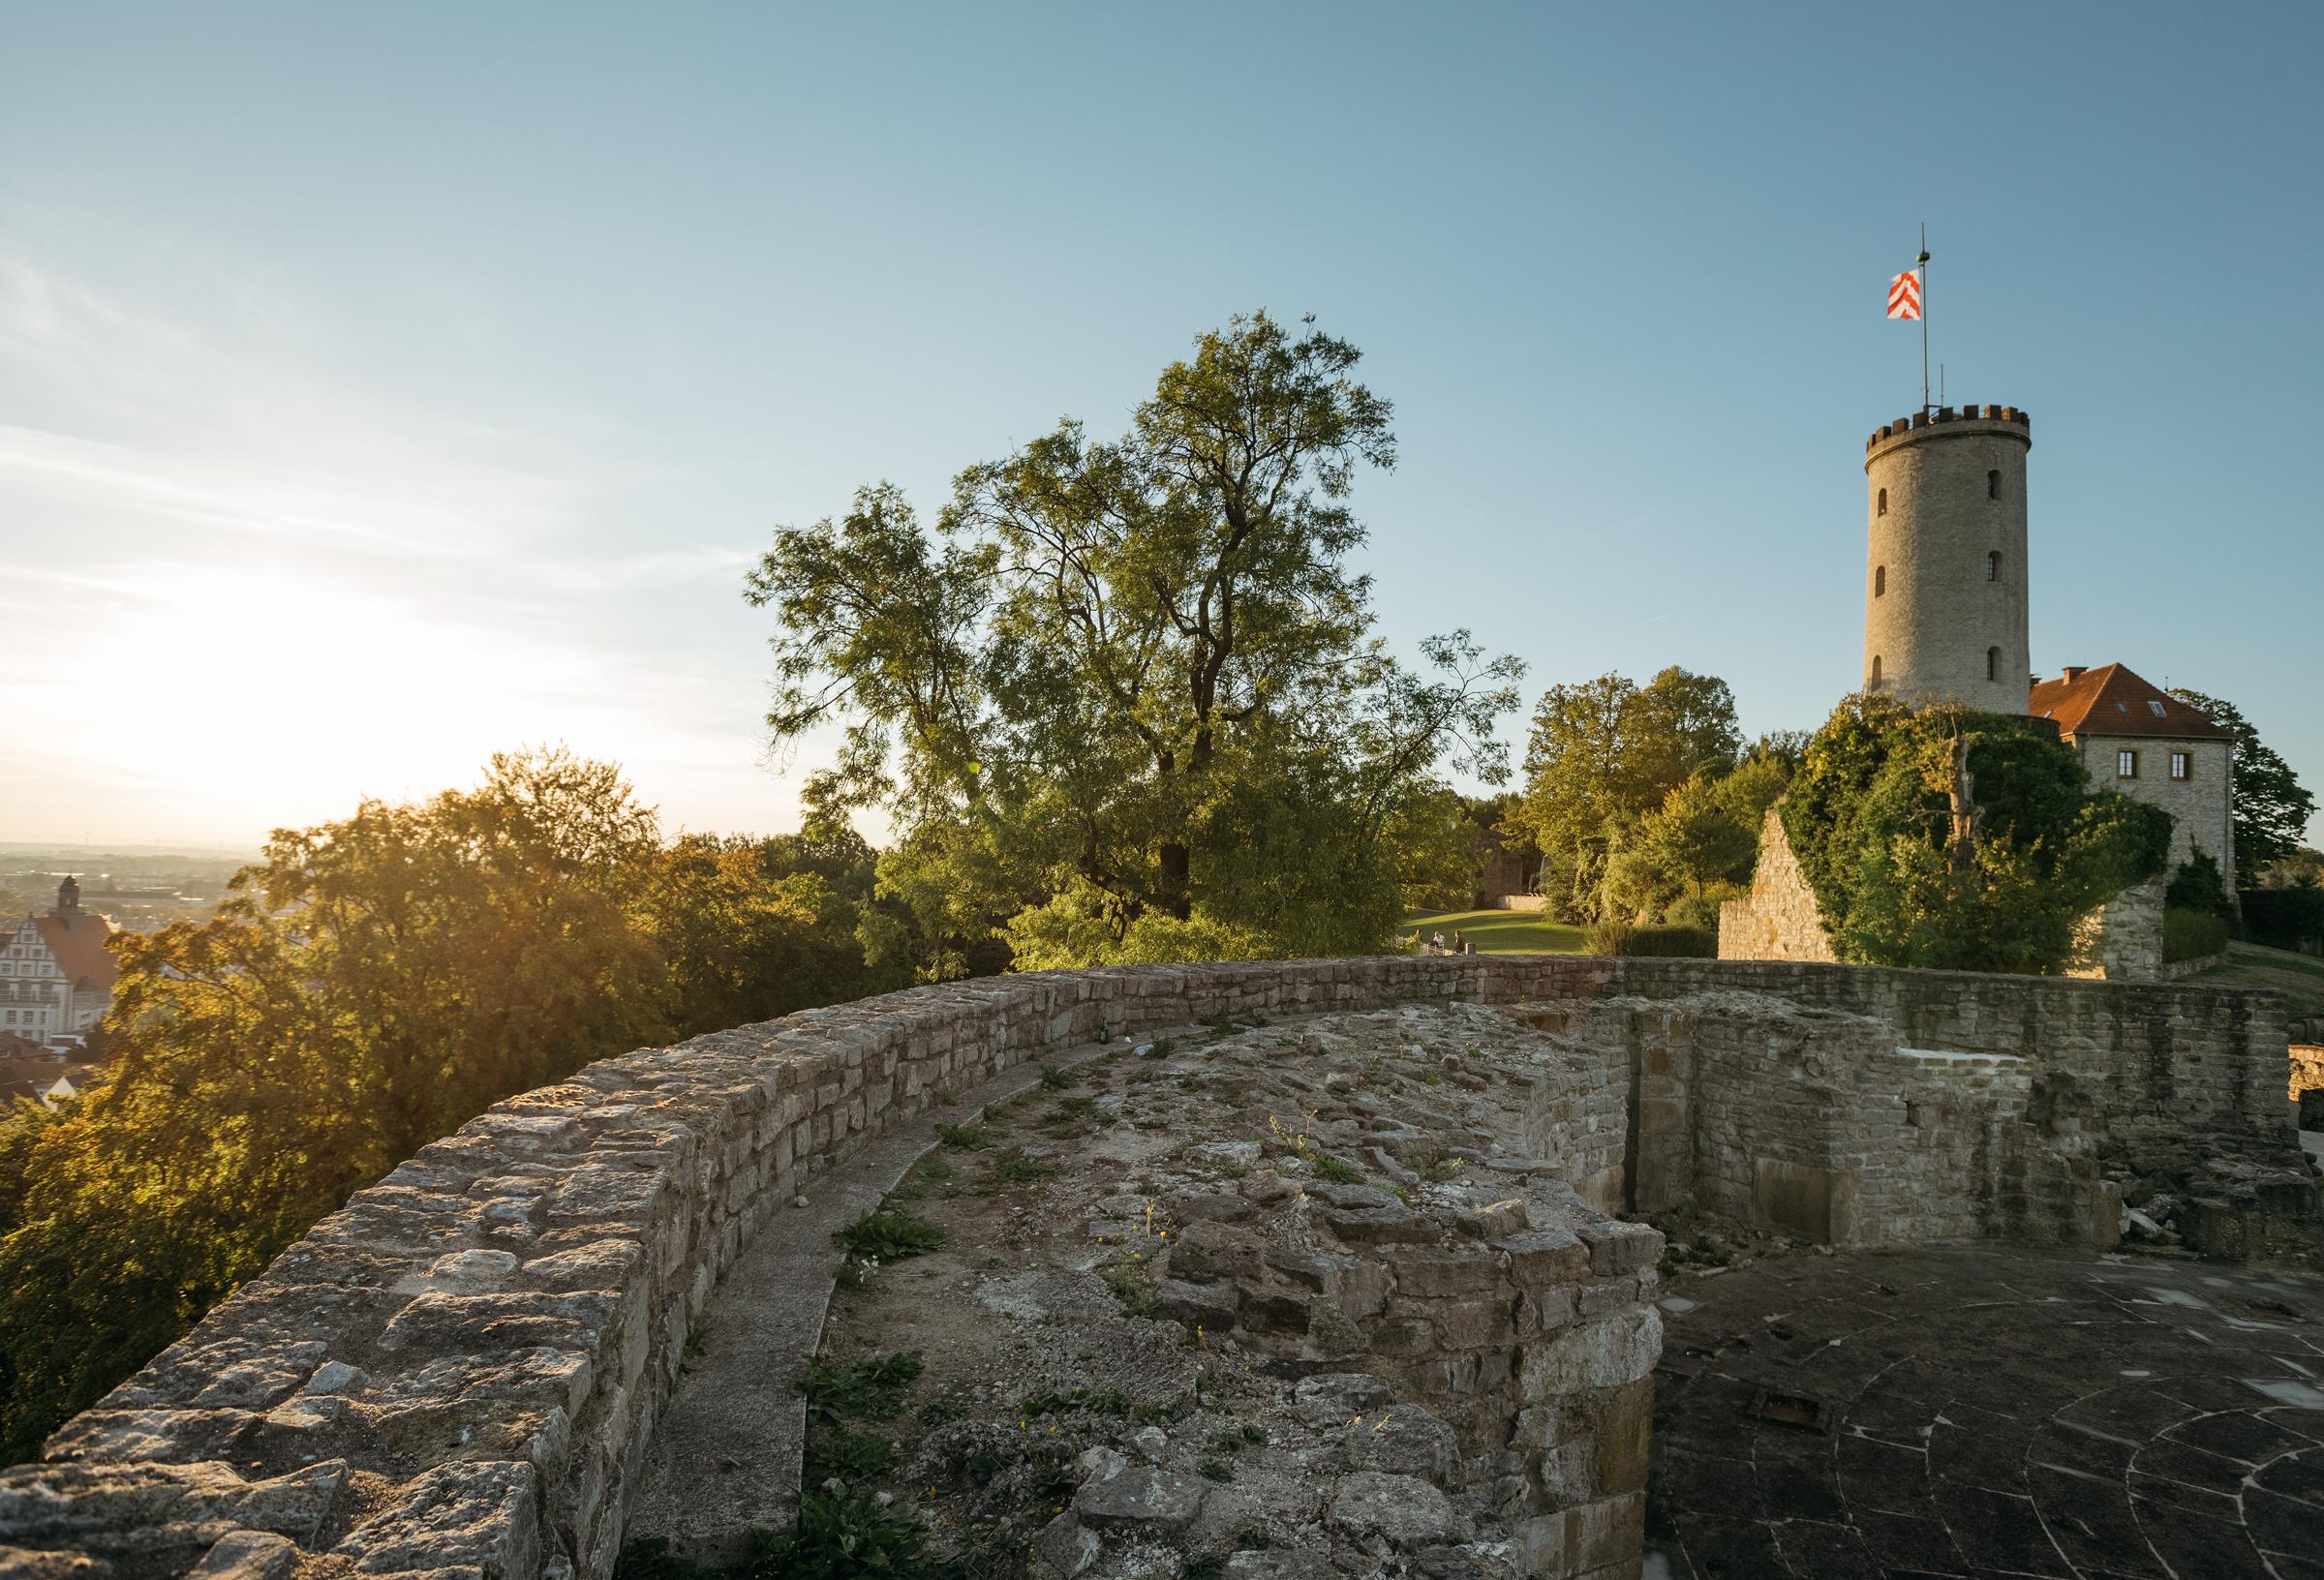 Bielefelder Sparrenburg